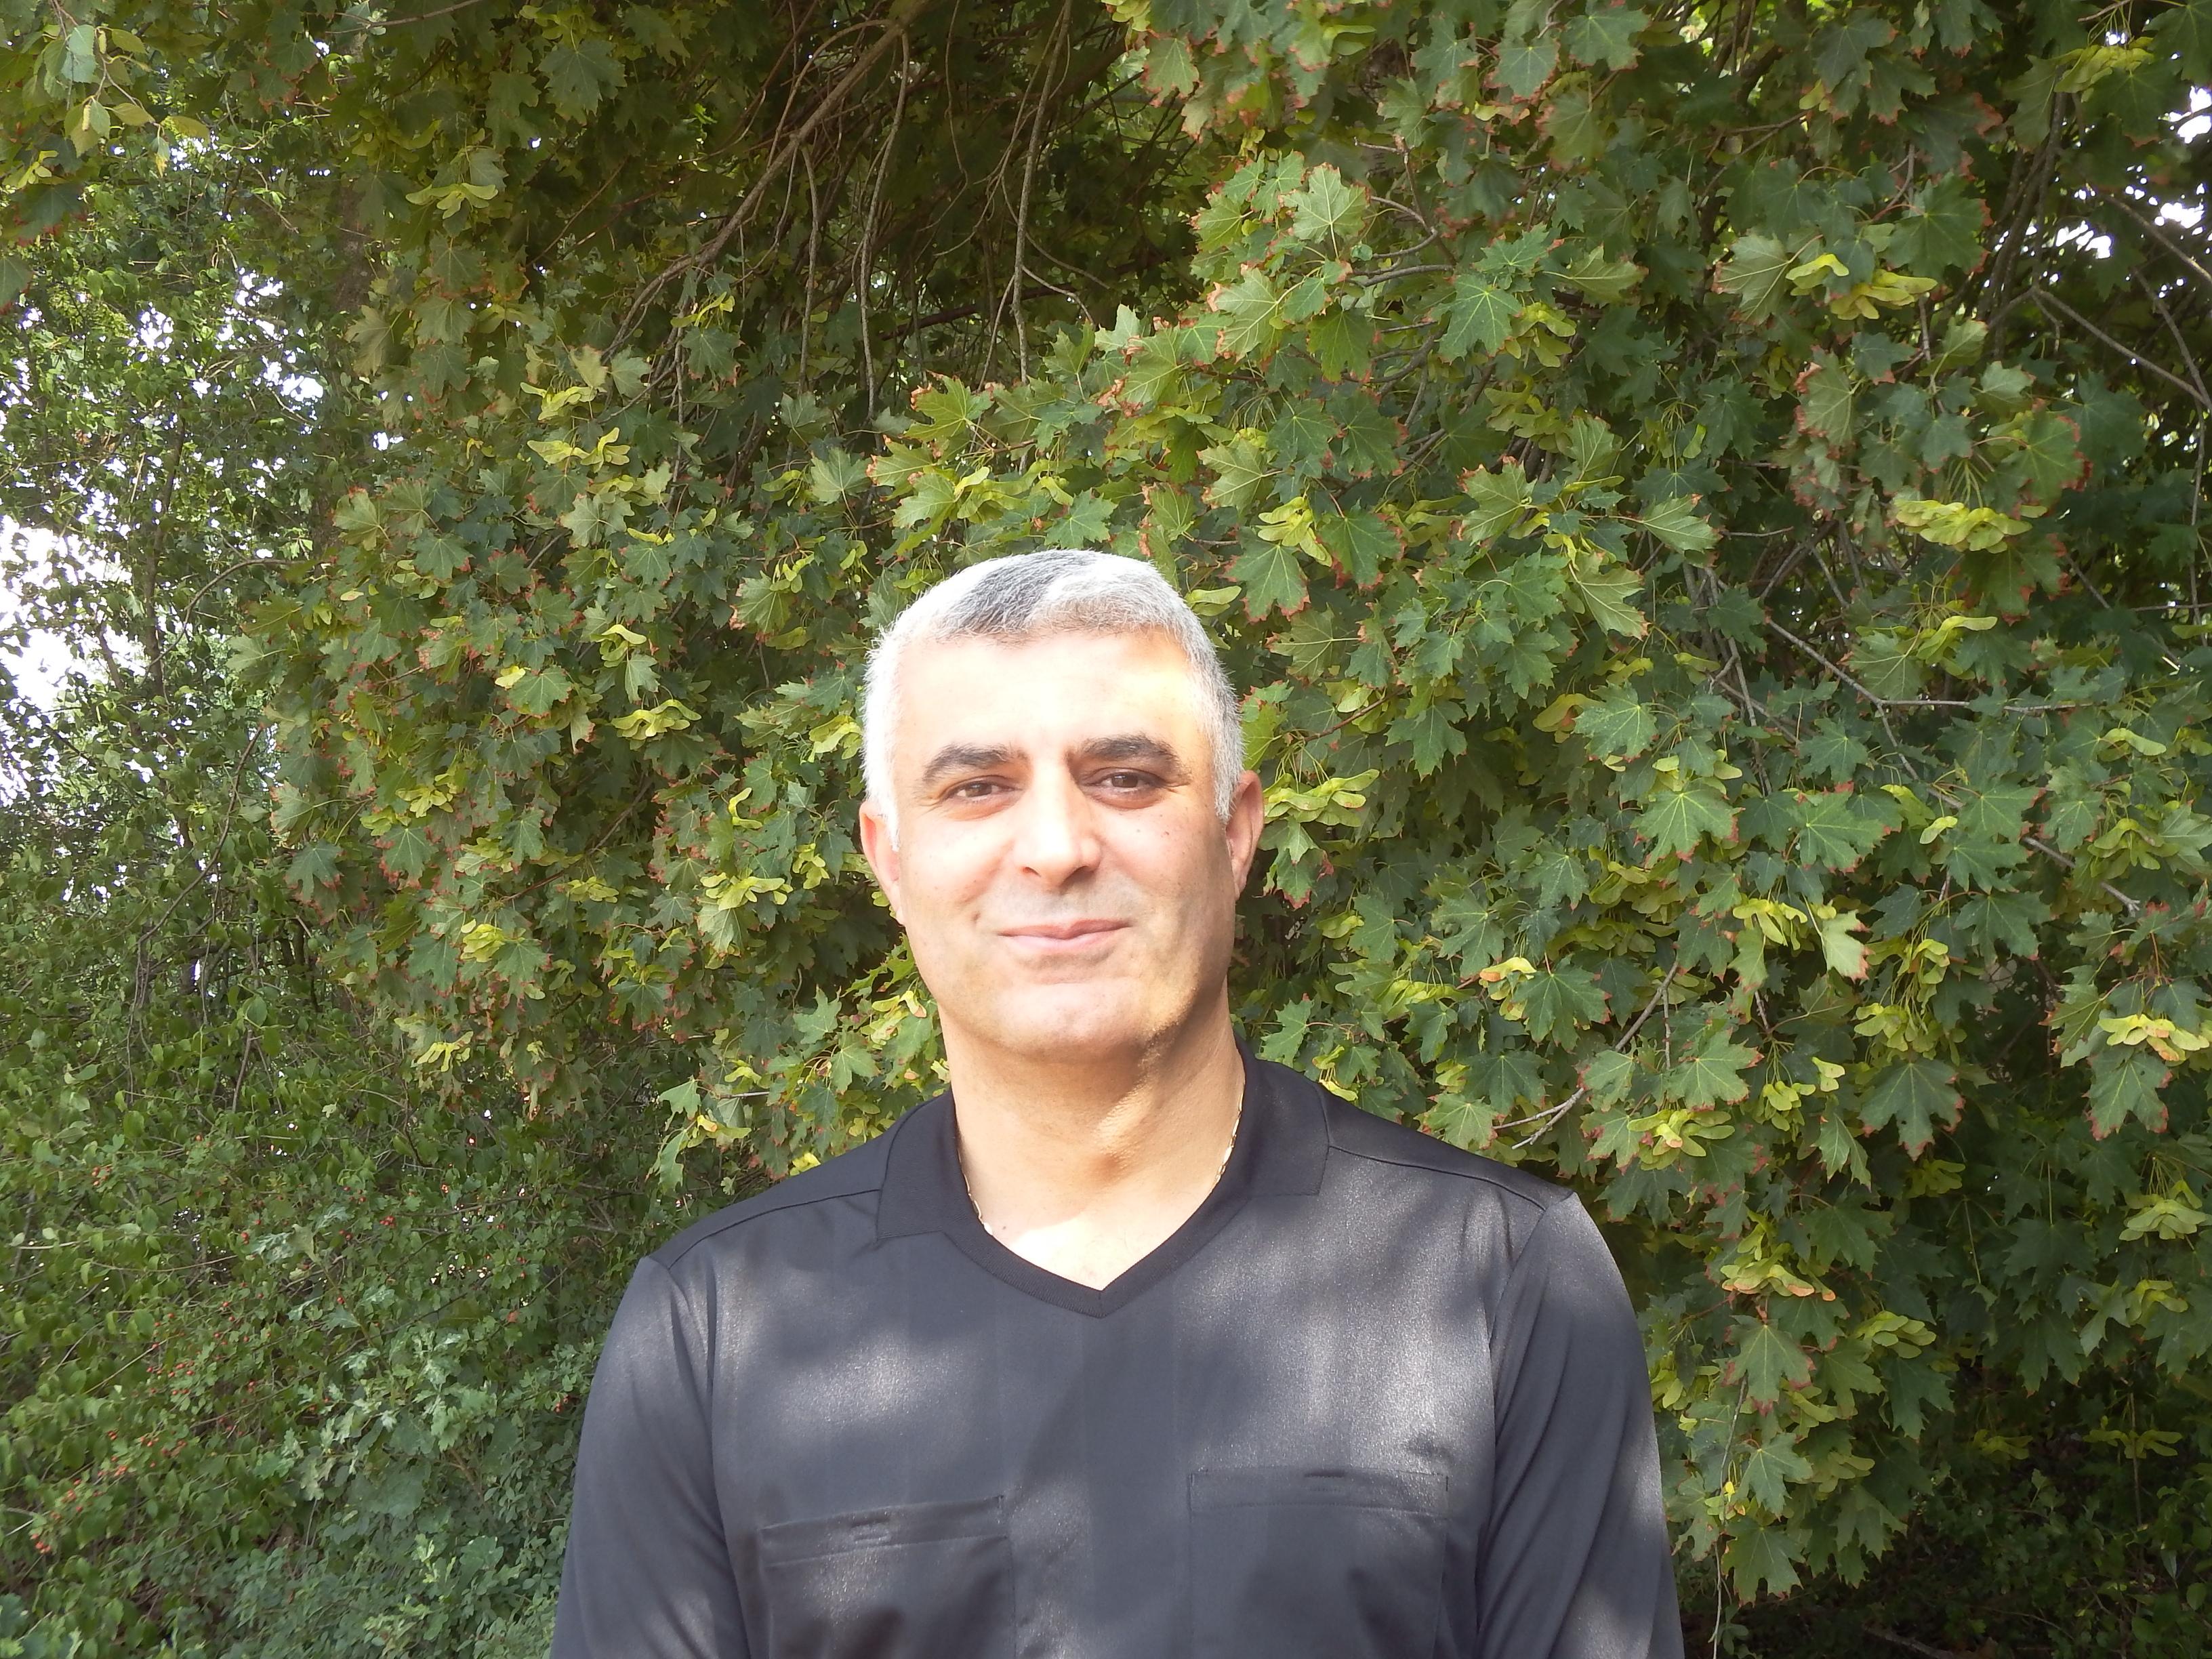 Yavuz Dag